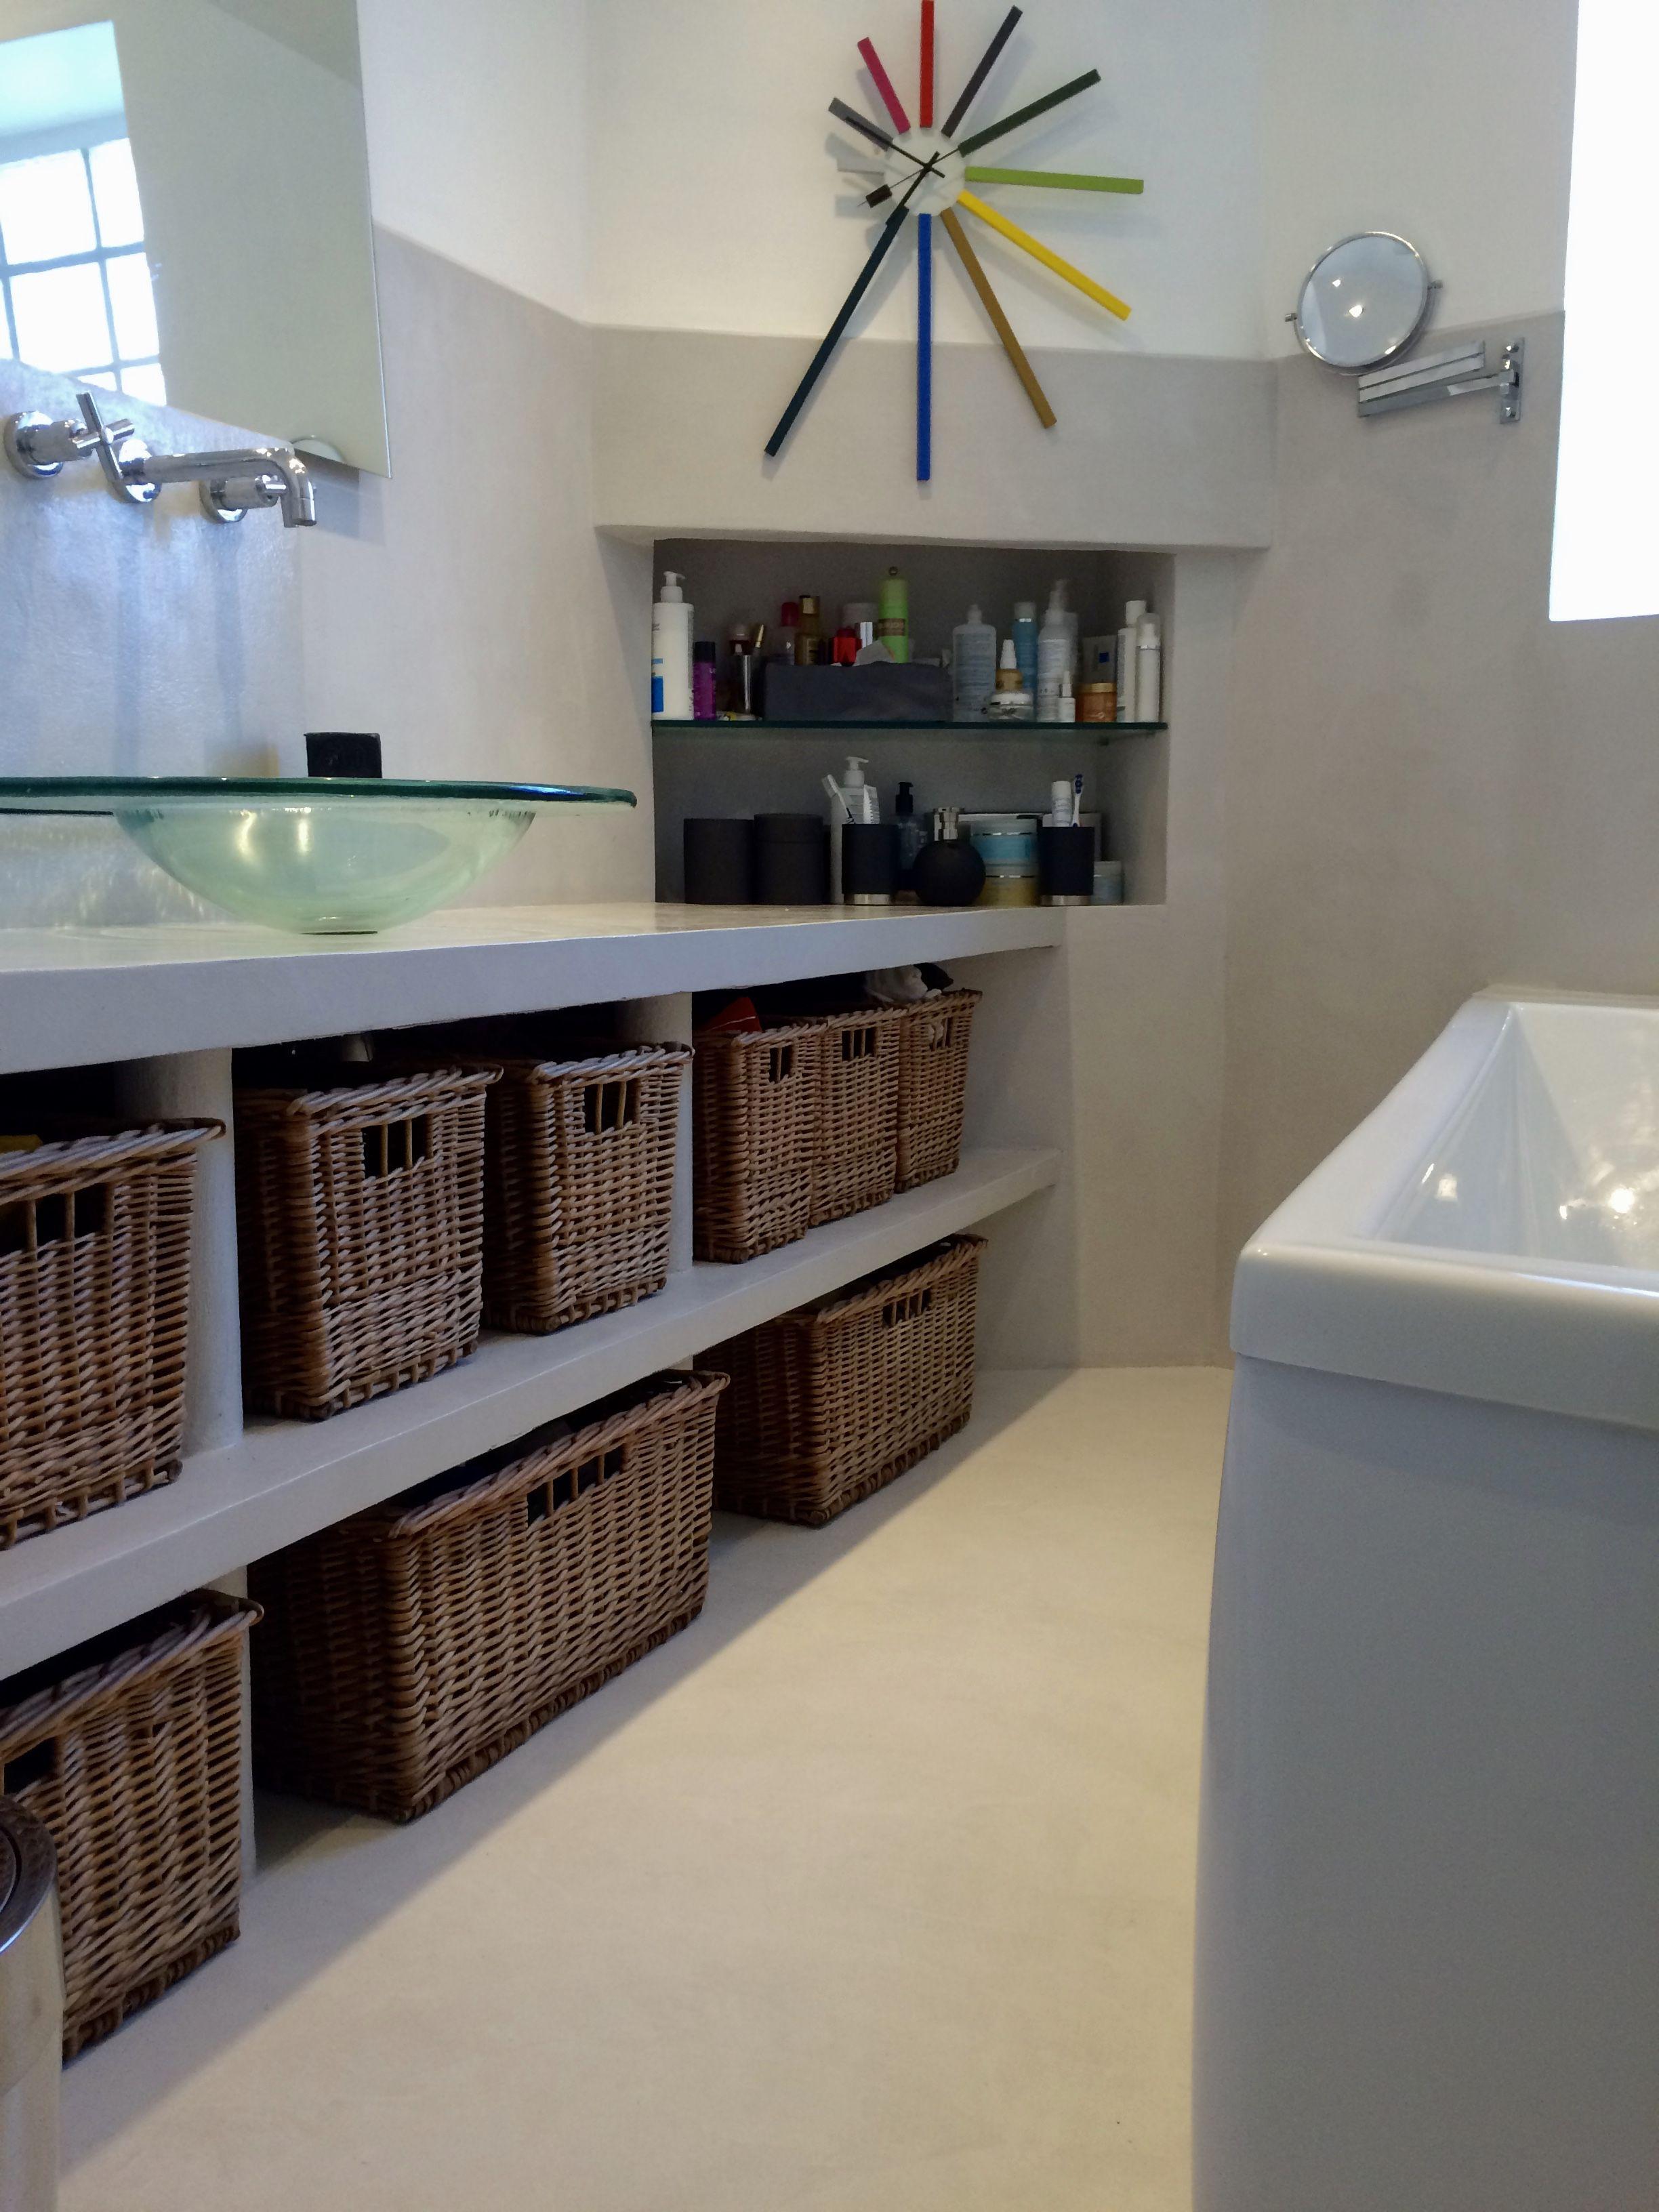 B.CC - Salle de bain en béton ciré (couleur Gris Cendré/MA's)